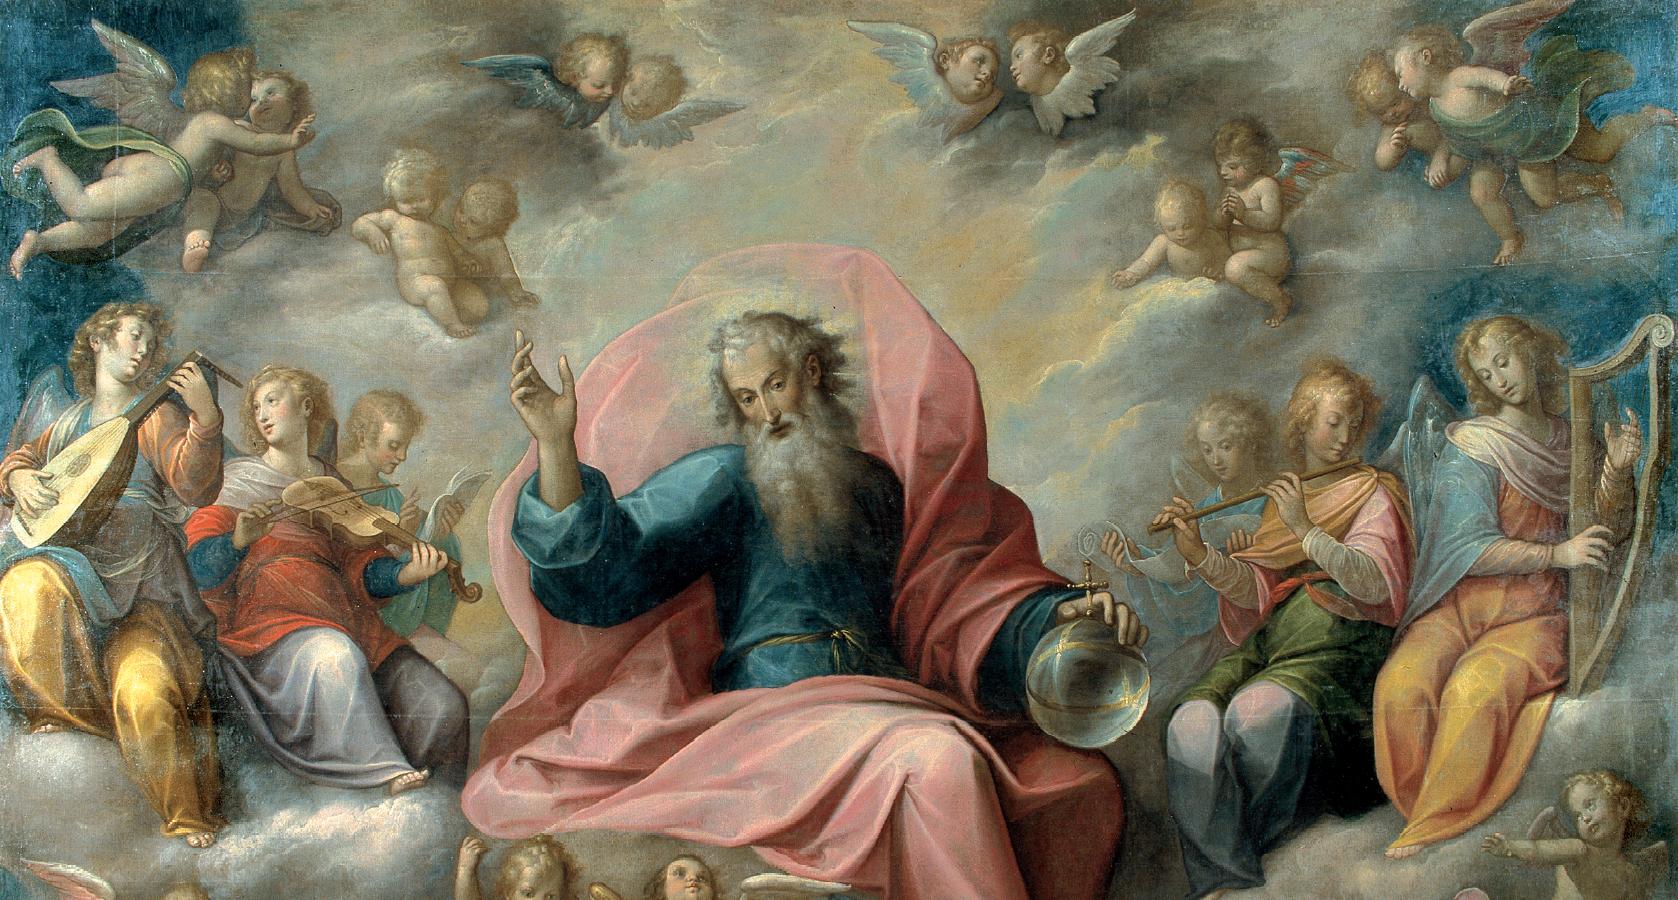 Guglielmo Caccia detto il Moncalvo, Il Padre Eterno in gloria fra angeli